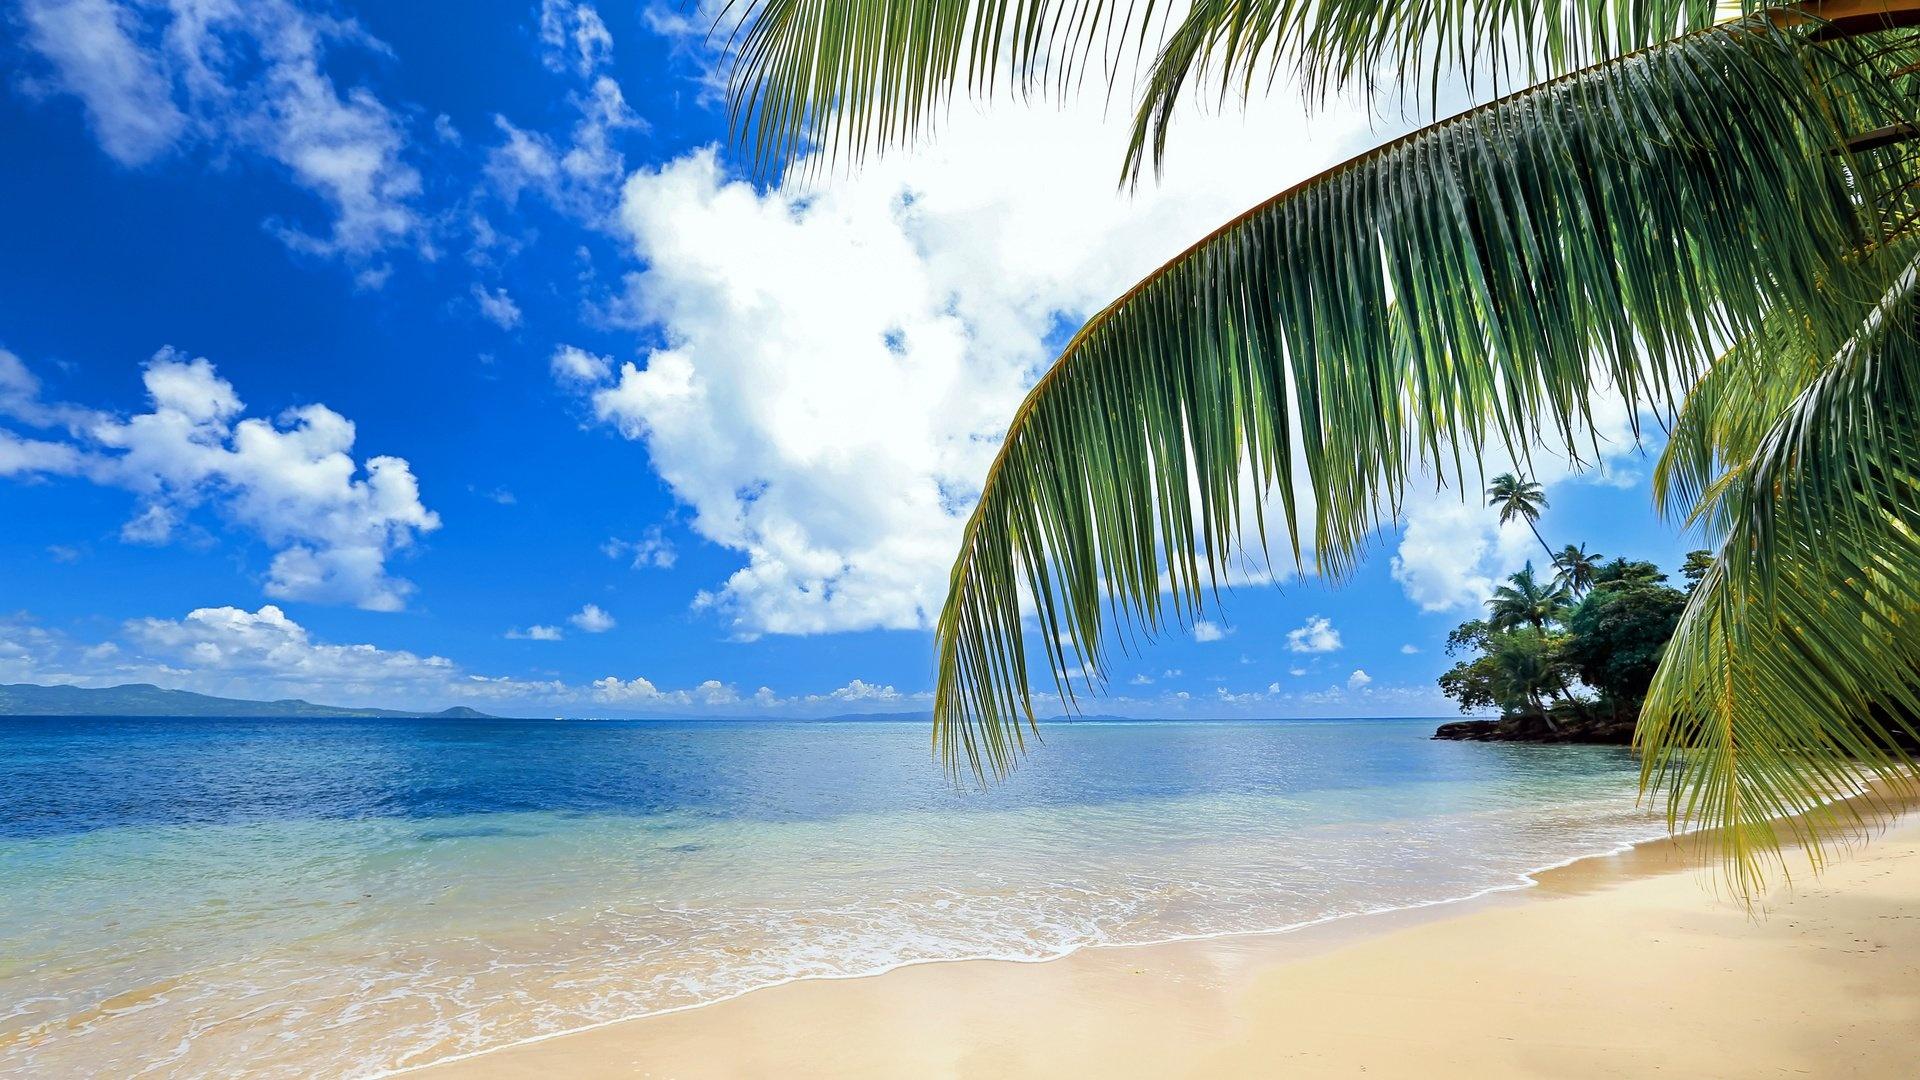 Beach best background